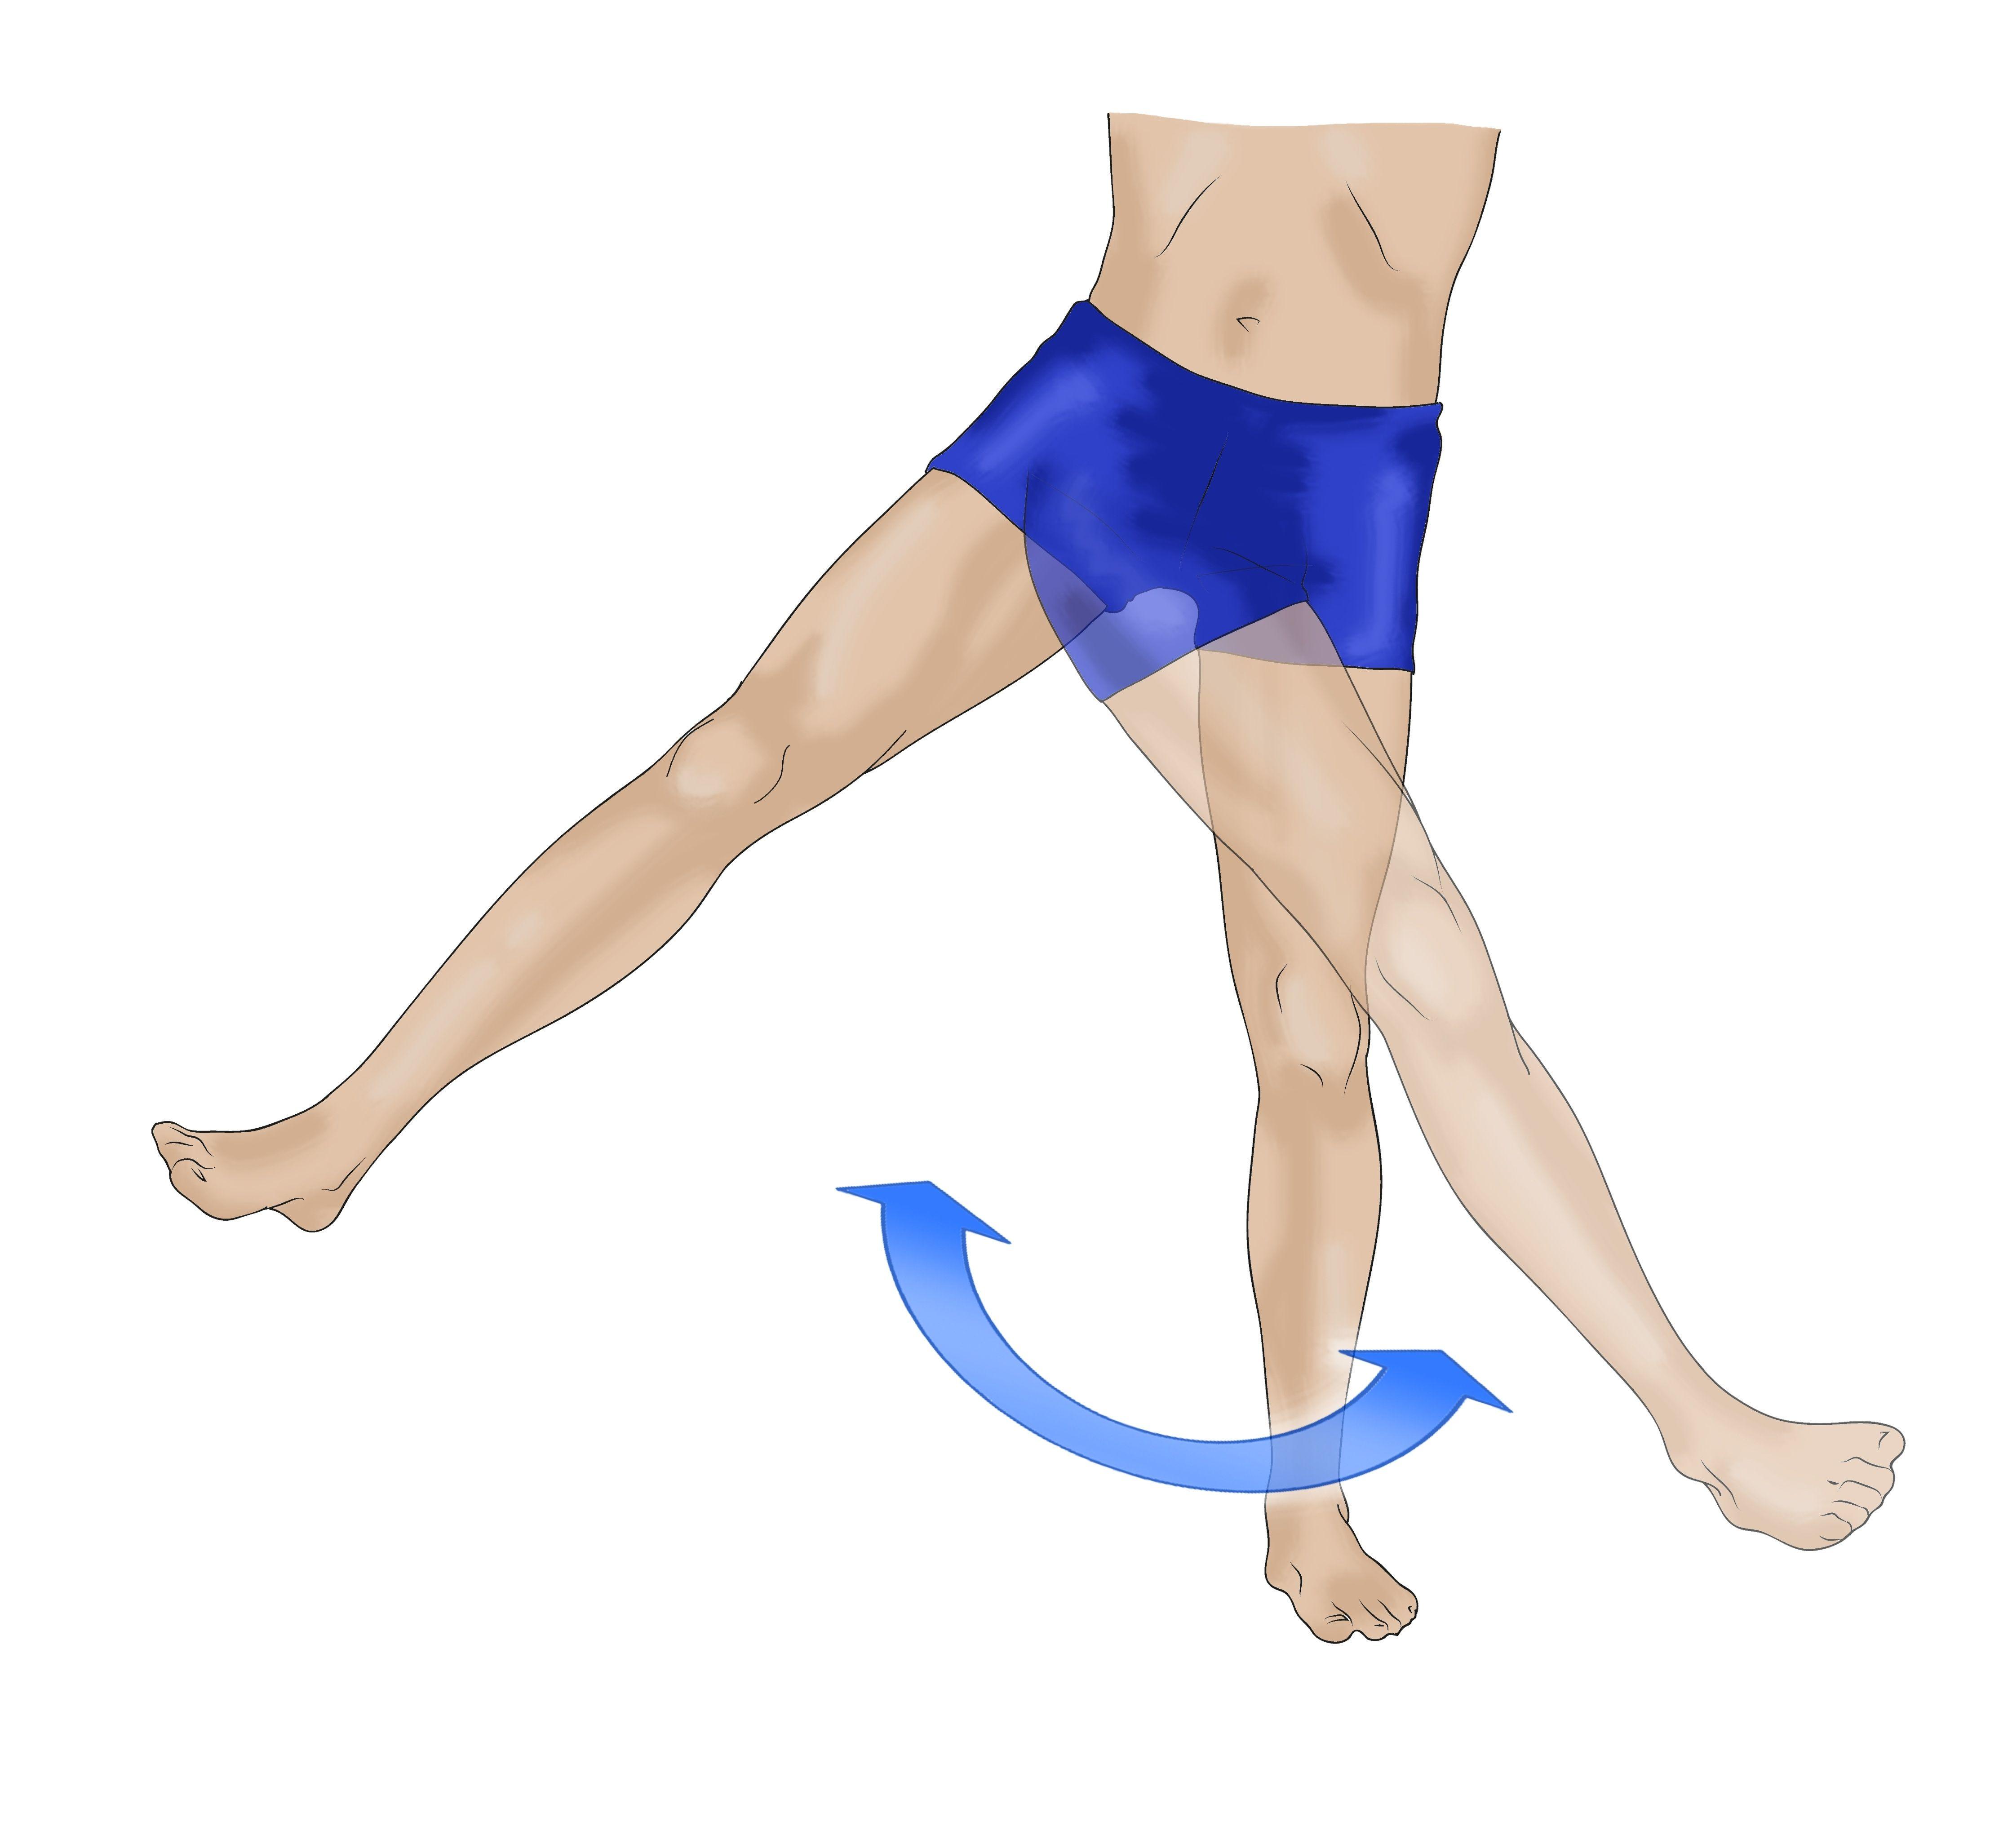 arthrose de hanche v lo et piscine pour votre autor ducation piscine pinterest arthrose. Black Bedroom Furniture Sets. Home Design Ideas